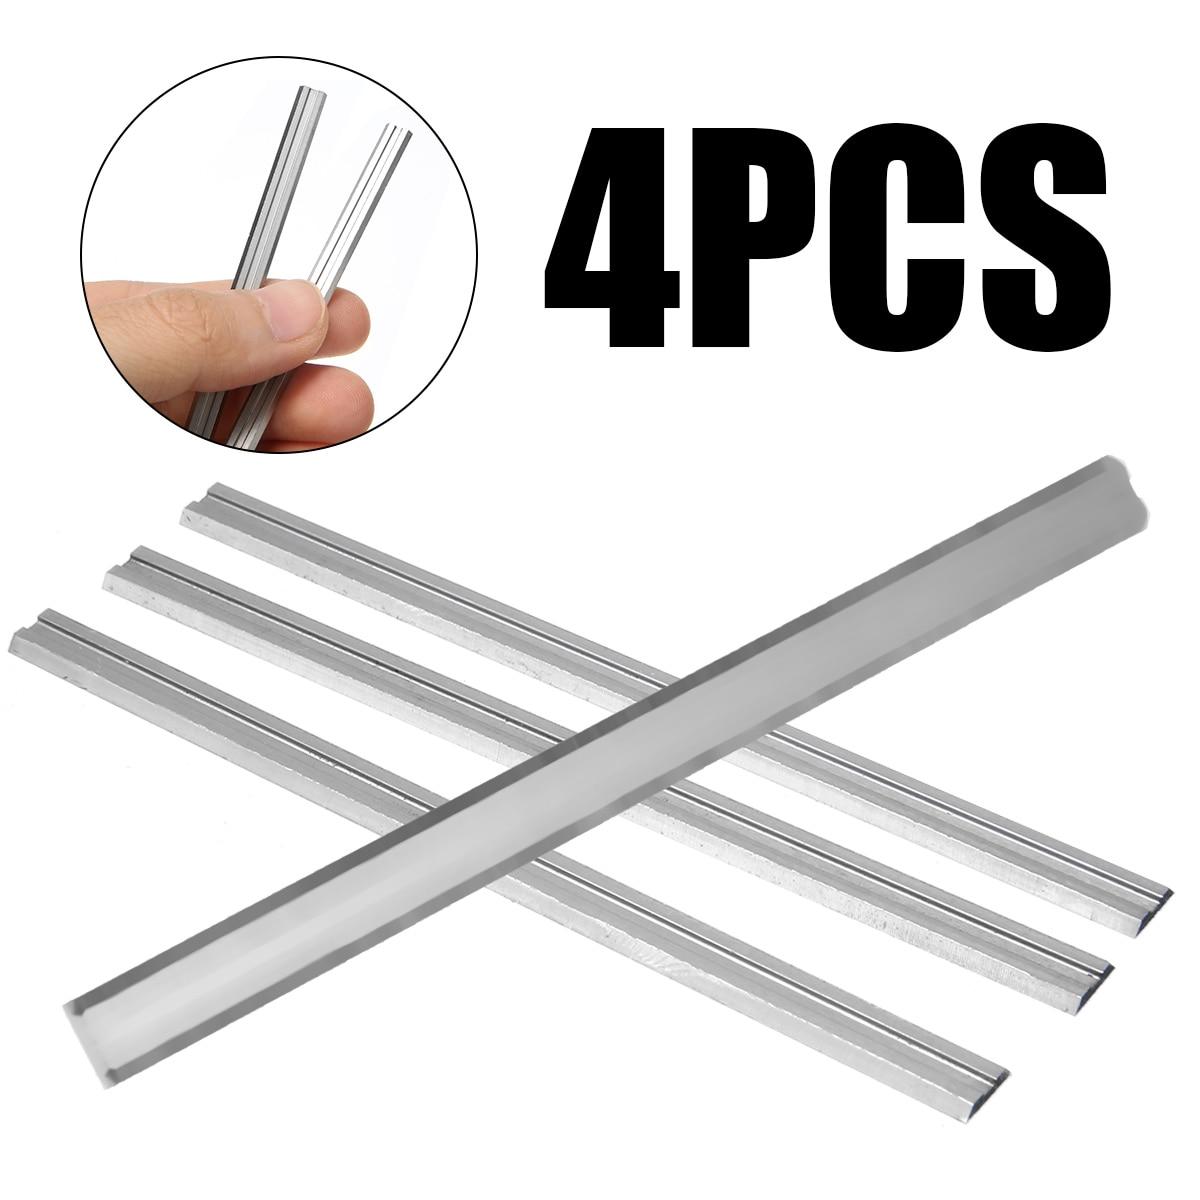 מכונות כביסה ומייבשים 4pcs קרביד 82 * 5.5 * 1.1mm 82mm פלנר סכין עבור Bosch PHO 25-82 / PHO 200 / PHO 16-82 / B34 HM פלנר חם בליידס מכירה (1)